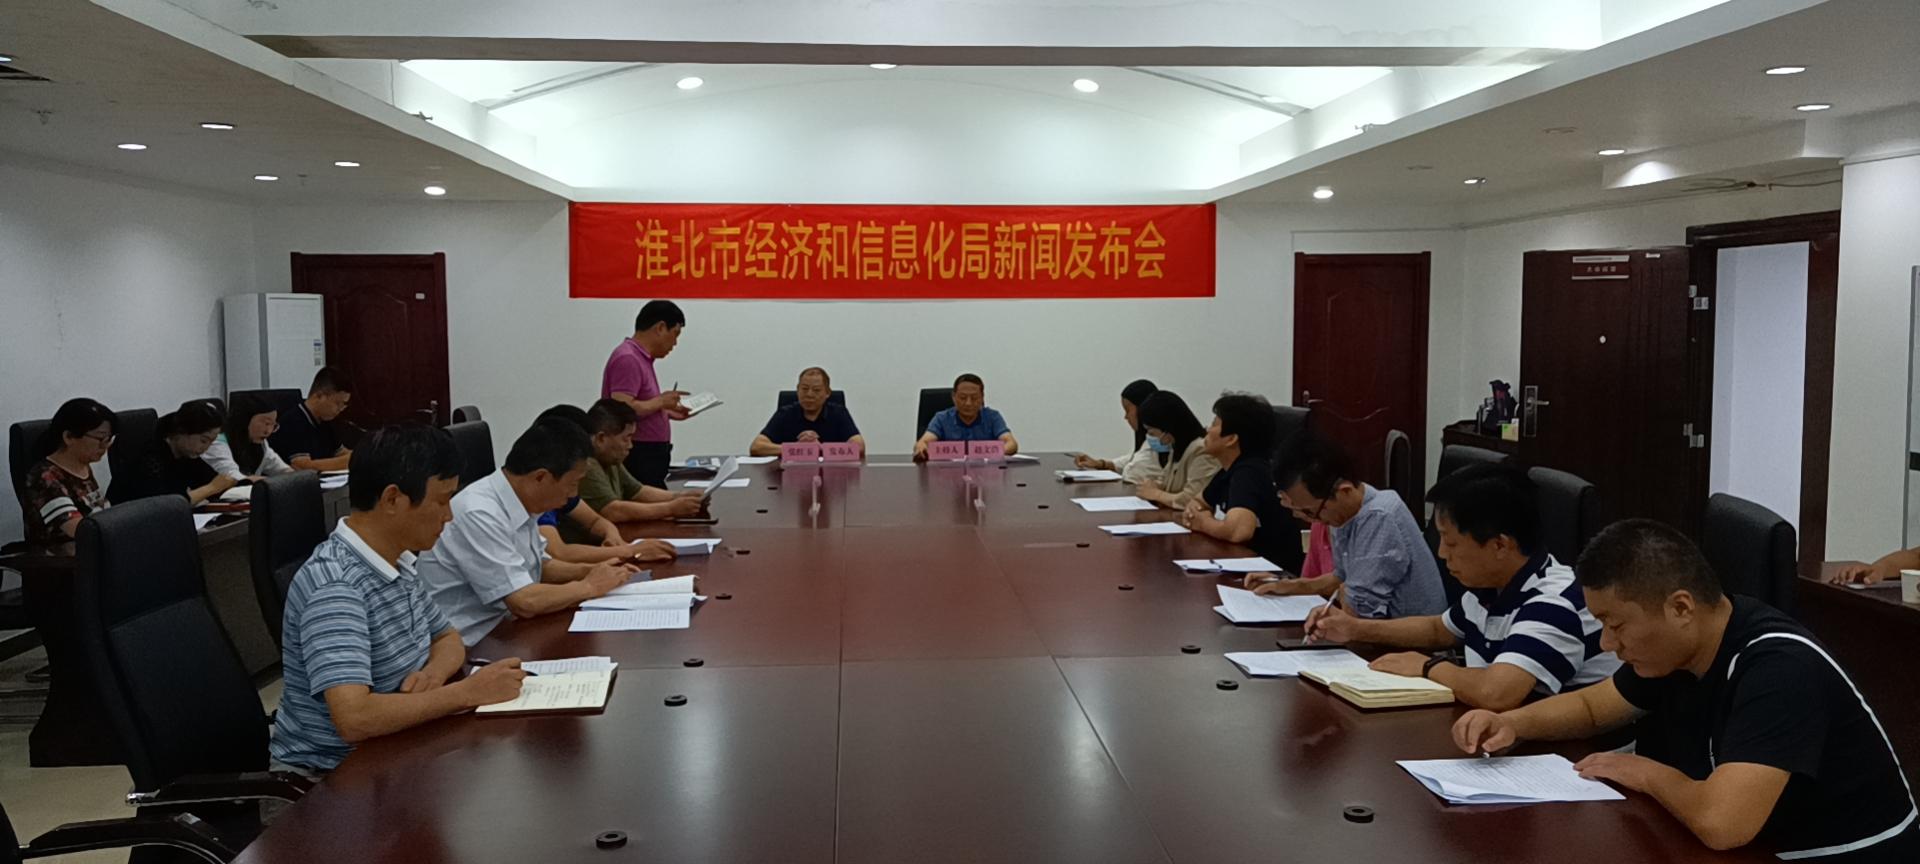 淮北经济信息局召开工业经济